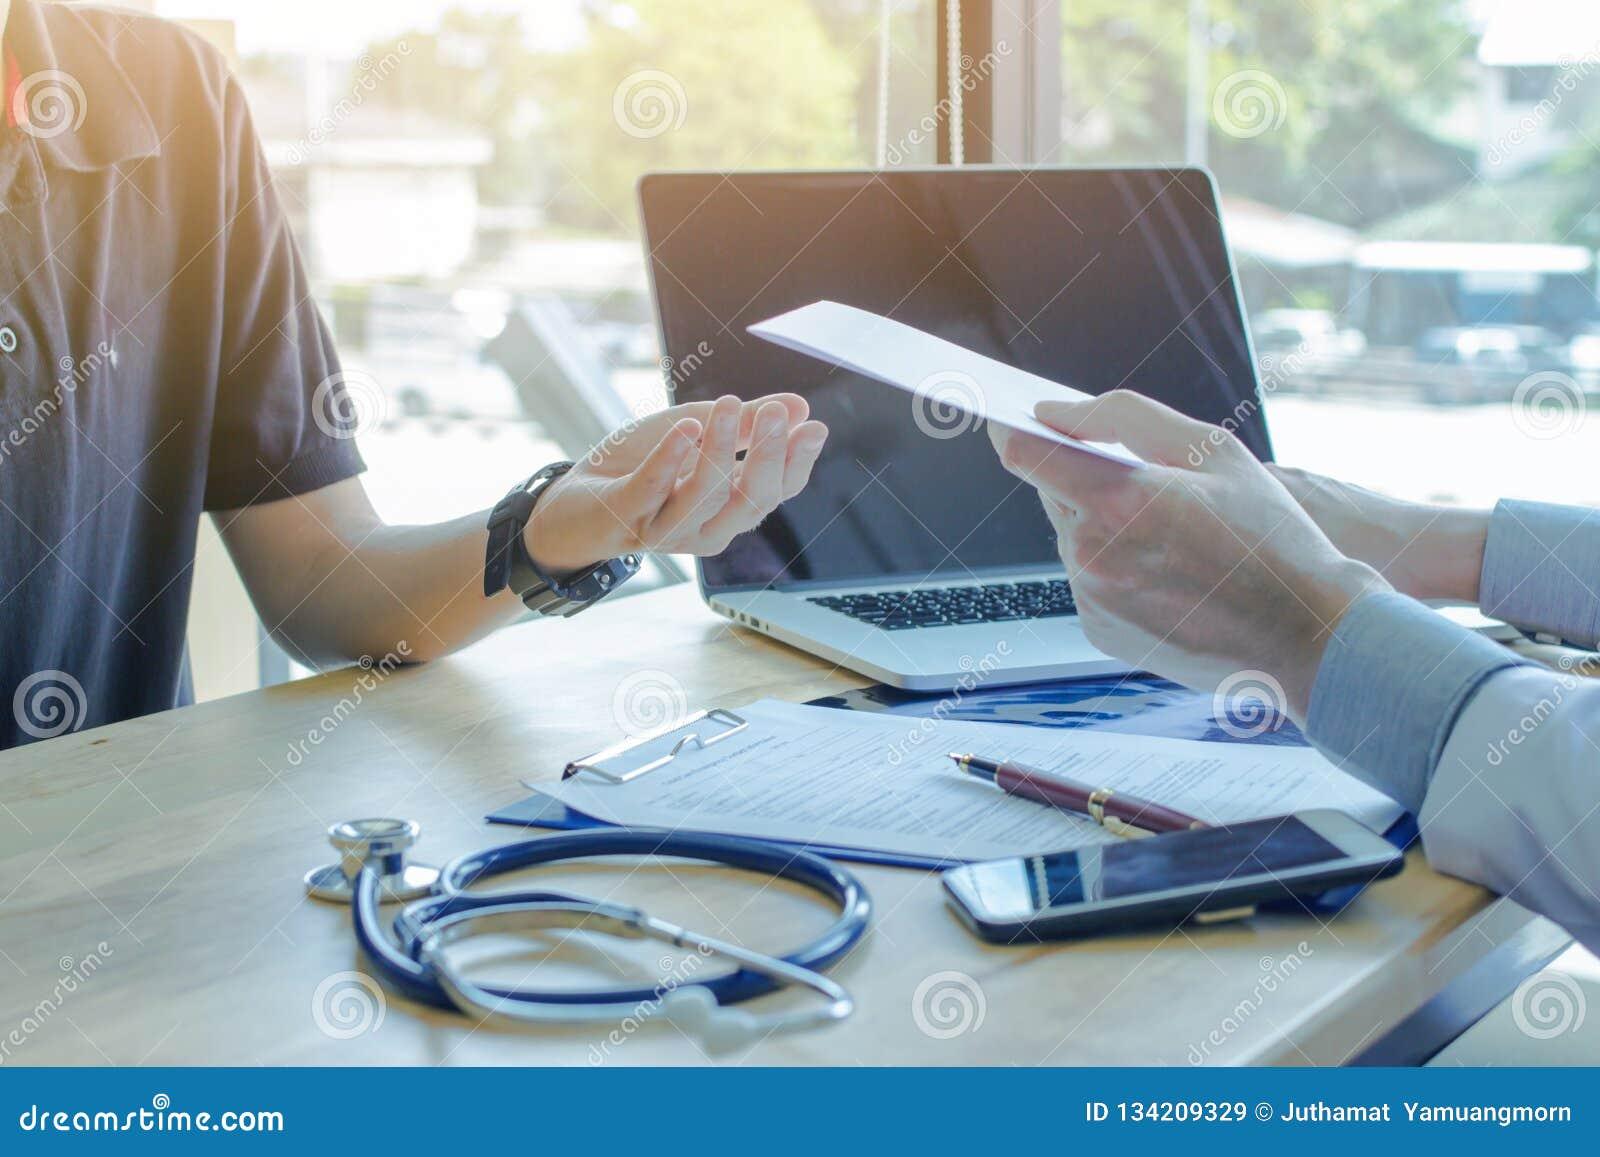 Läkare bröstcancerlägerledare, vanlig läkarbehandling, sund övning, medicinskt sunt begrepp